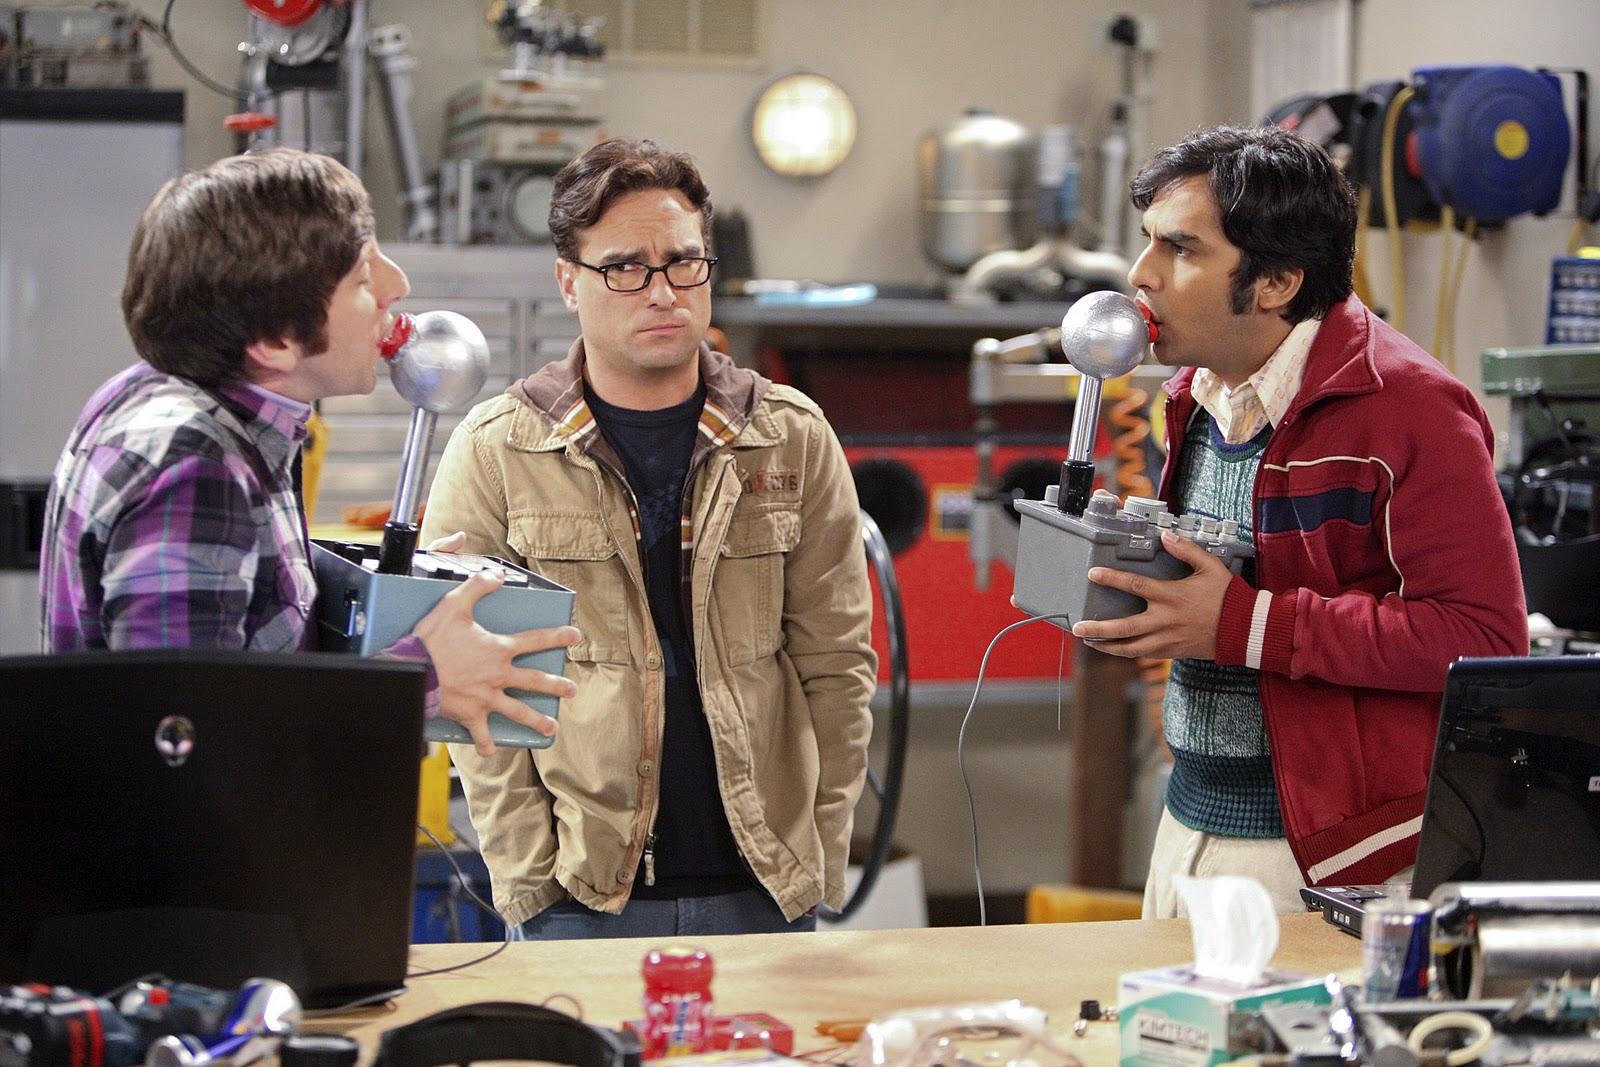 Escena de la popular serie big bang theory